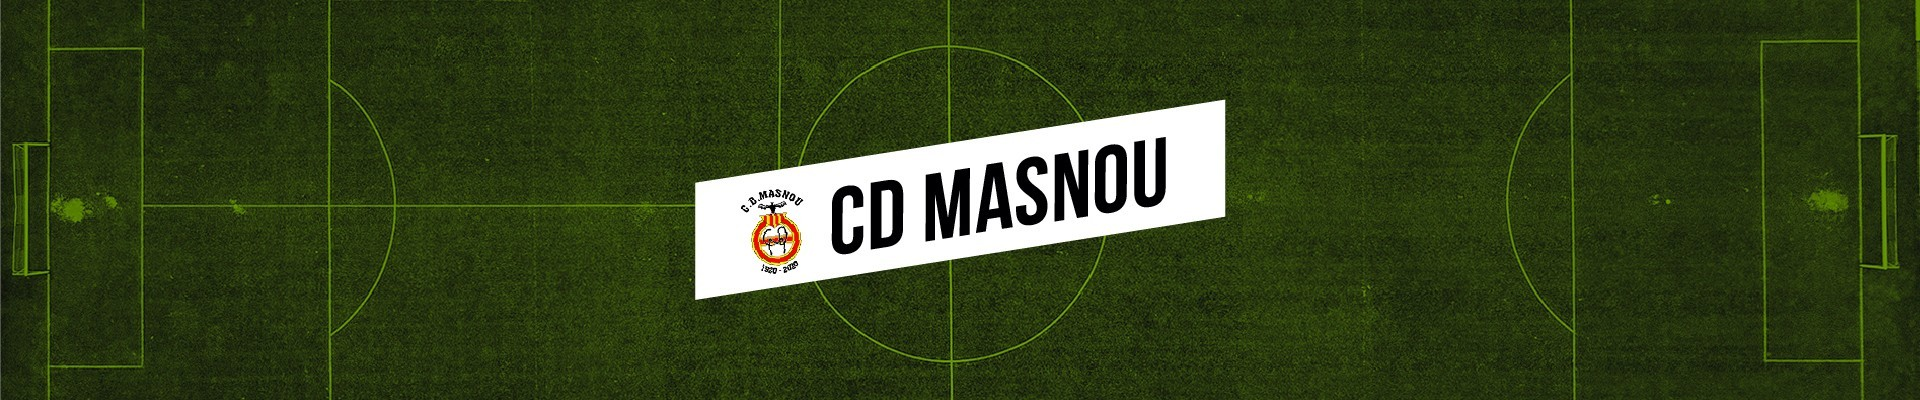 CD MASNOU